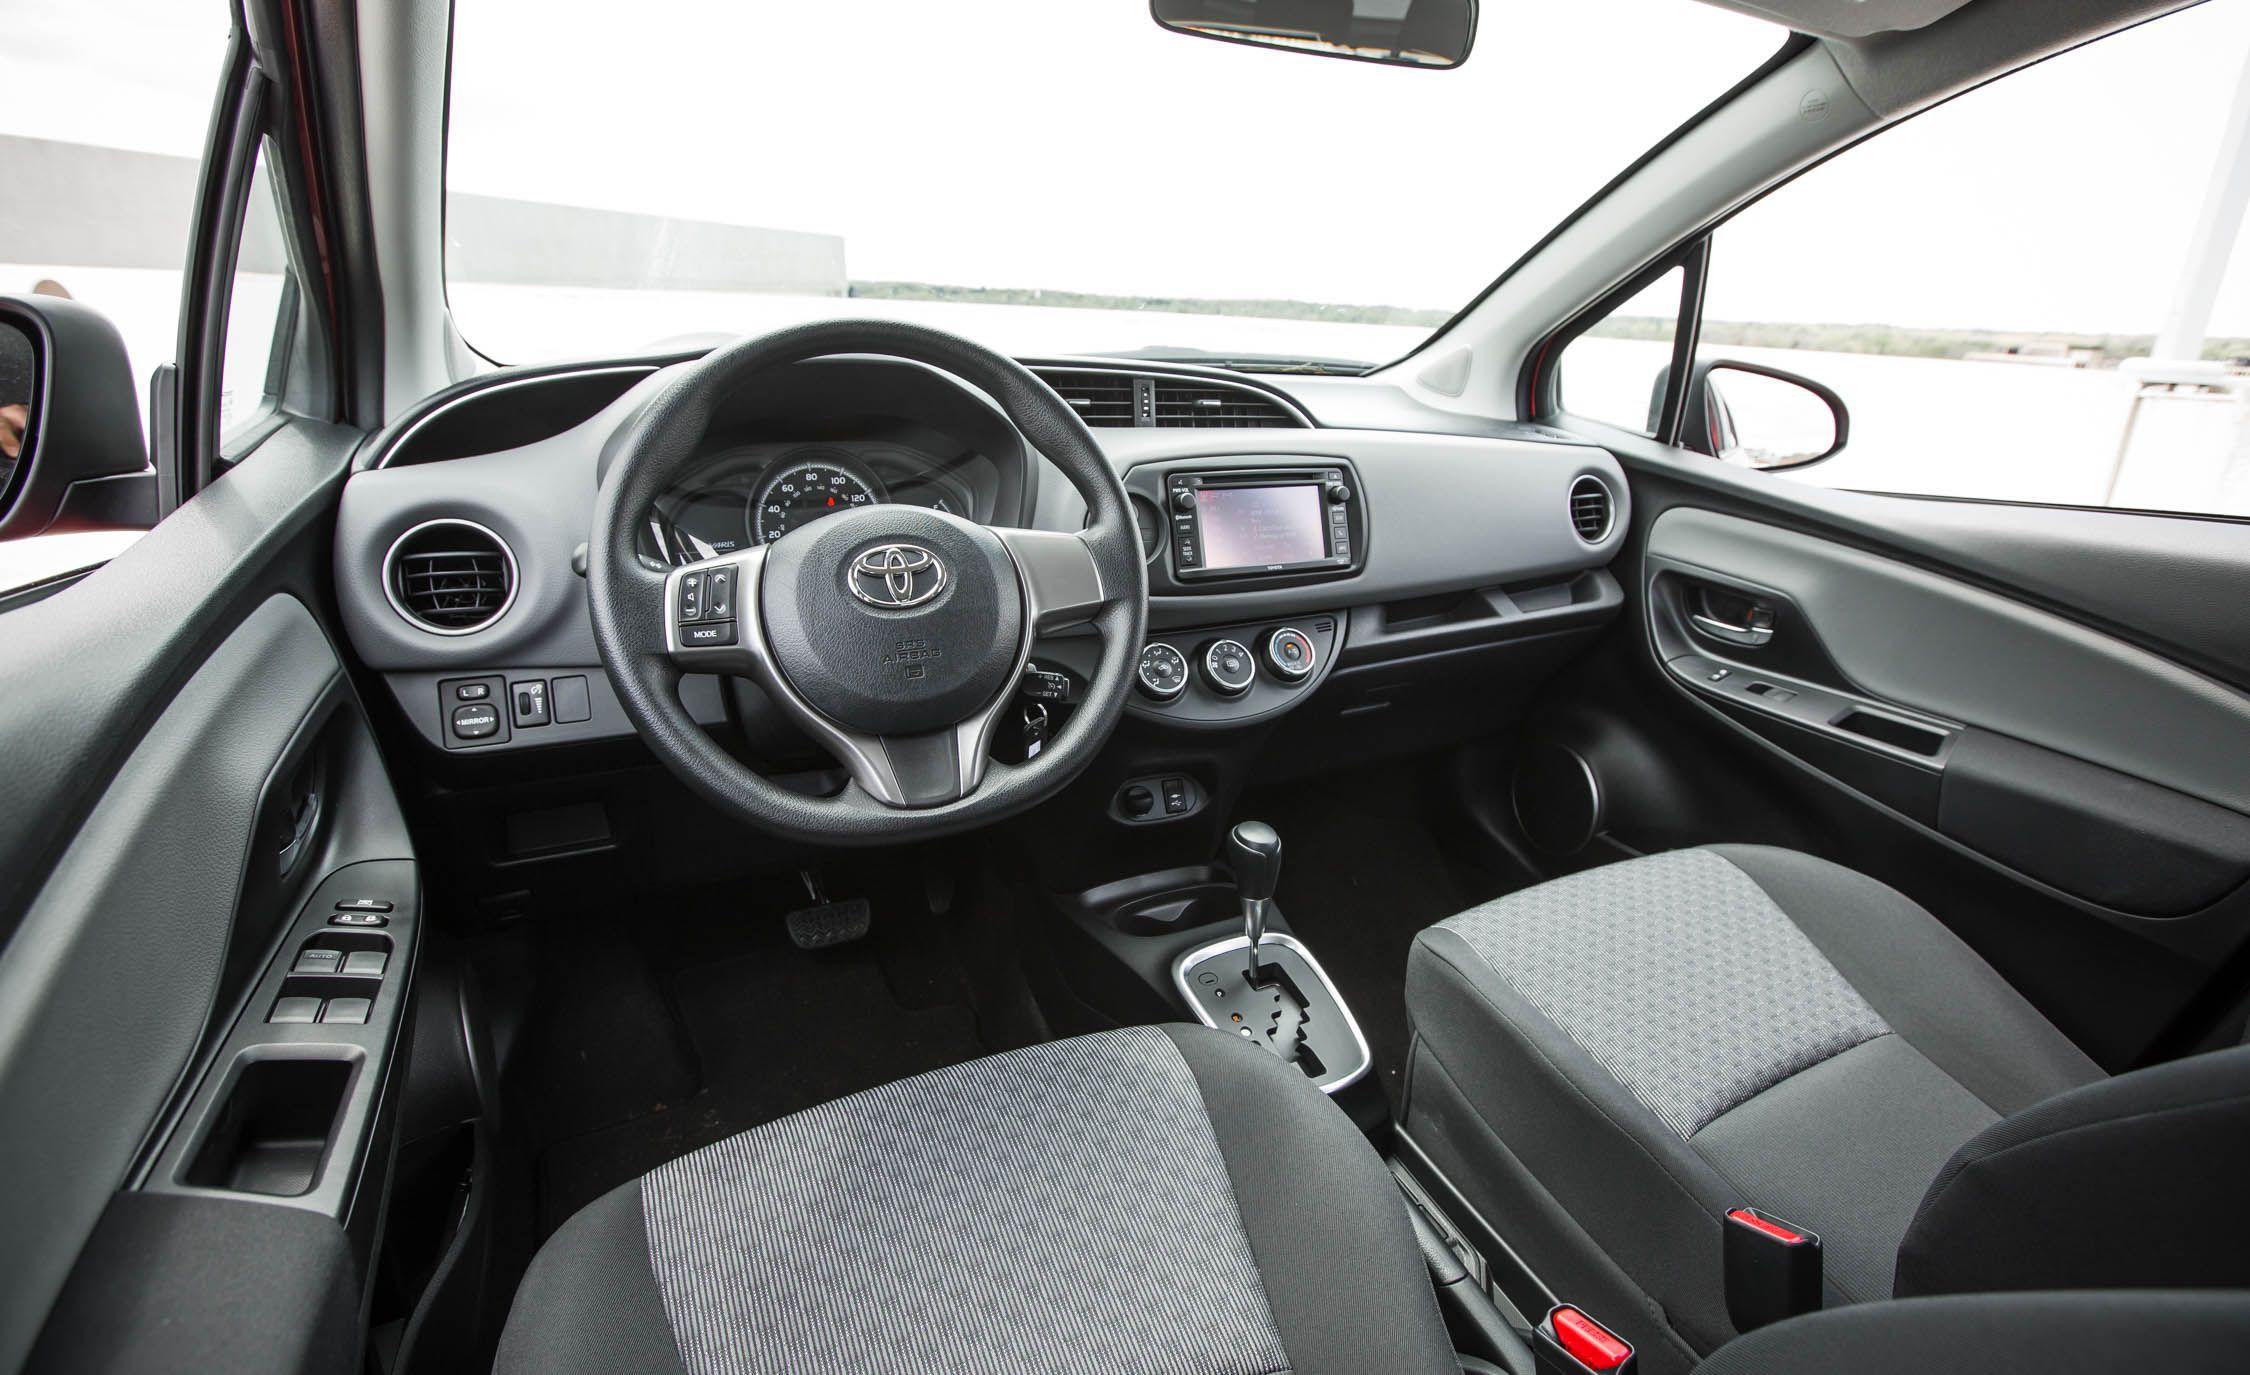 toyota yaris reviews | toyota yaris price, photos, and specs | car